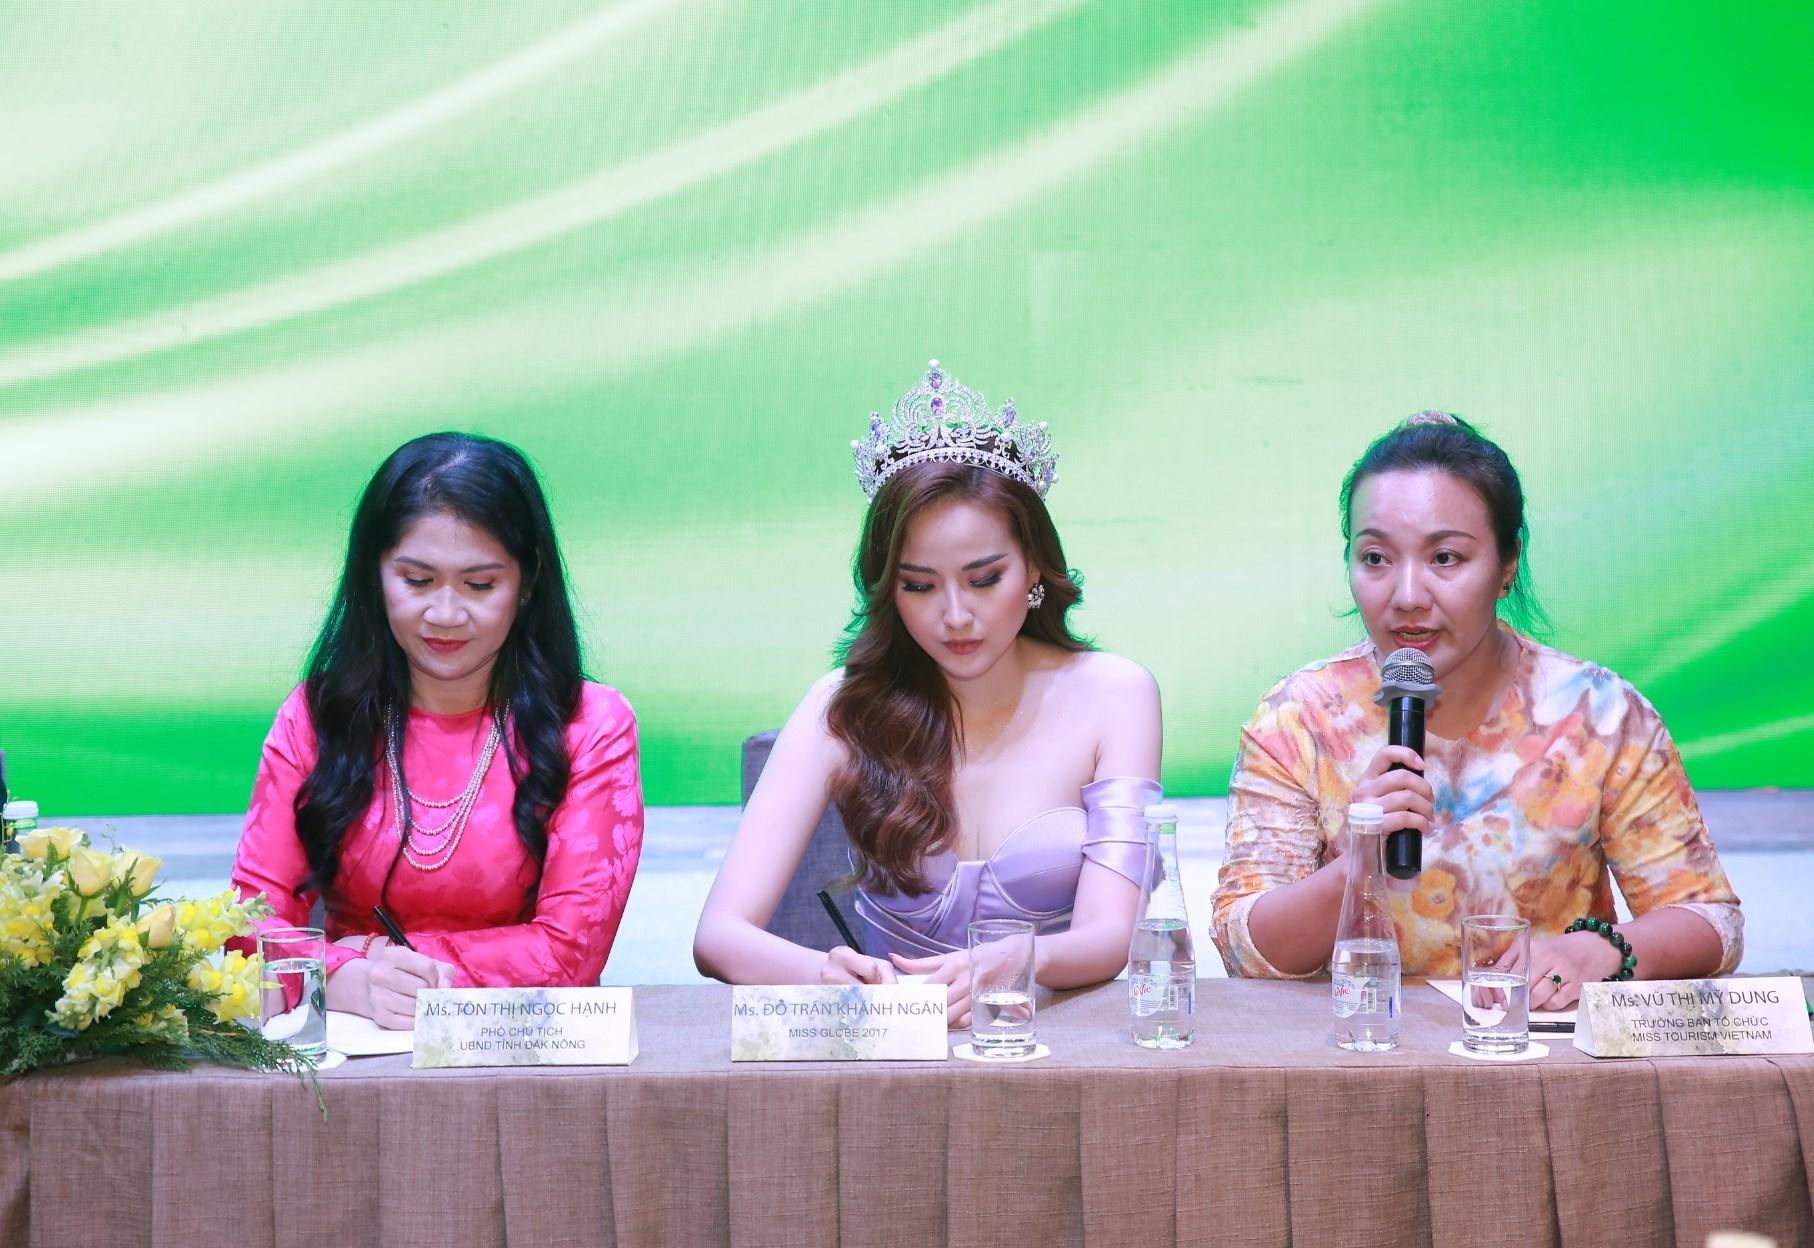 Bà Tôn Thị Ngọc Hạnh, Phó Chủ tịch Tỉnh Đắk Nông (áo đỏ) tham dự họp báo với Hoa hậu Ngân Khánh